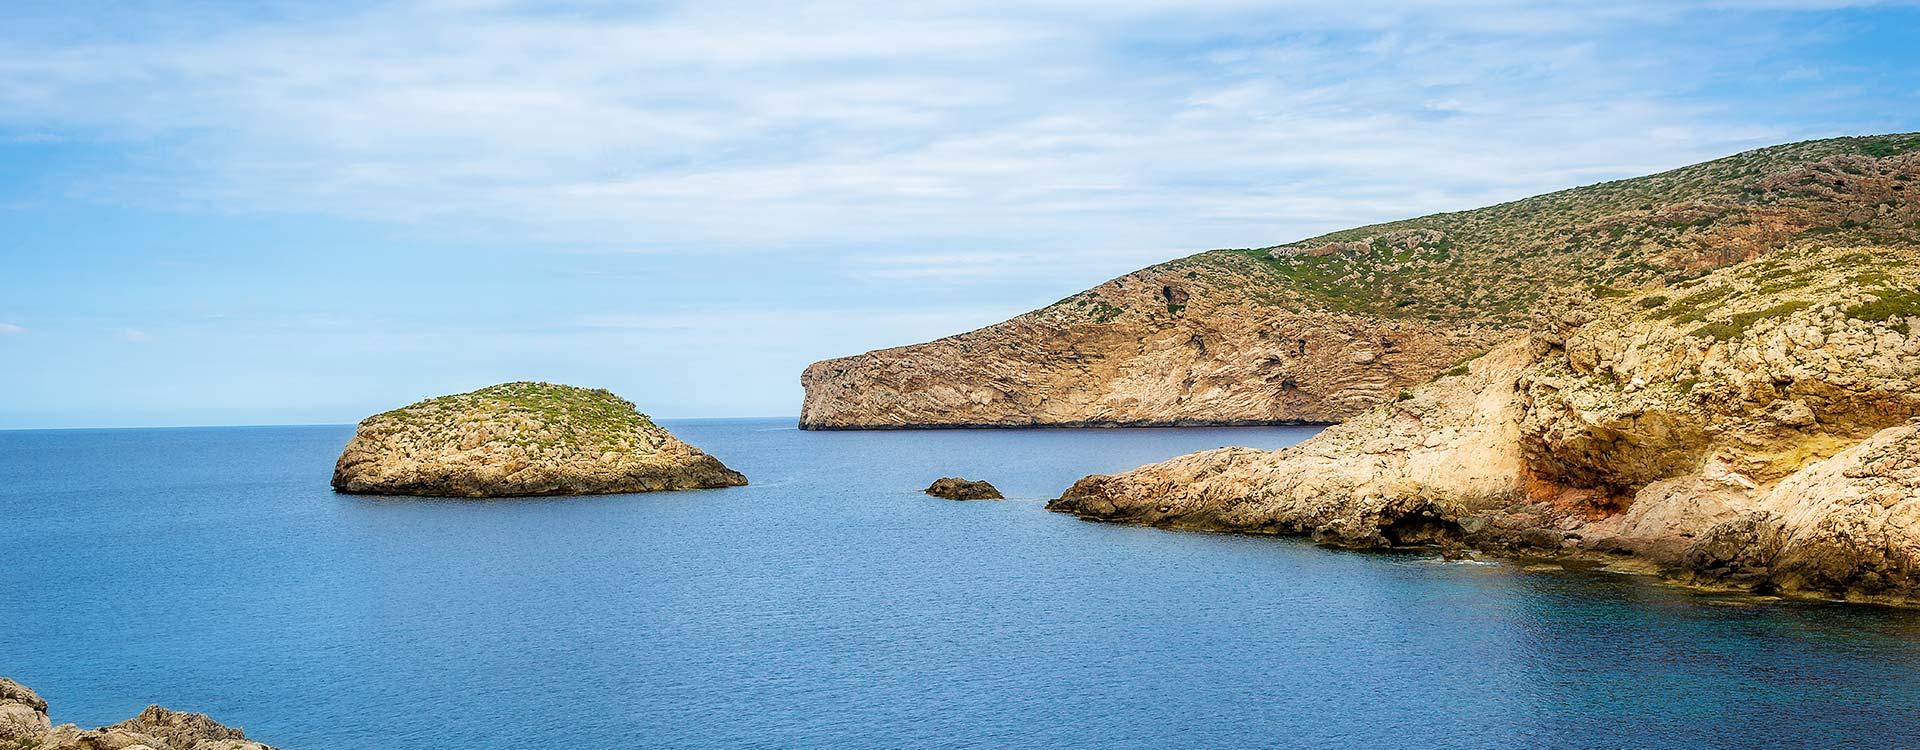 Vista de algunas islas que forman el archipiélago de Cabrera